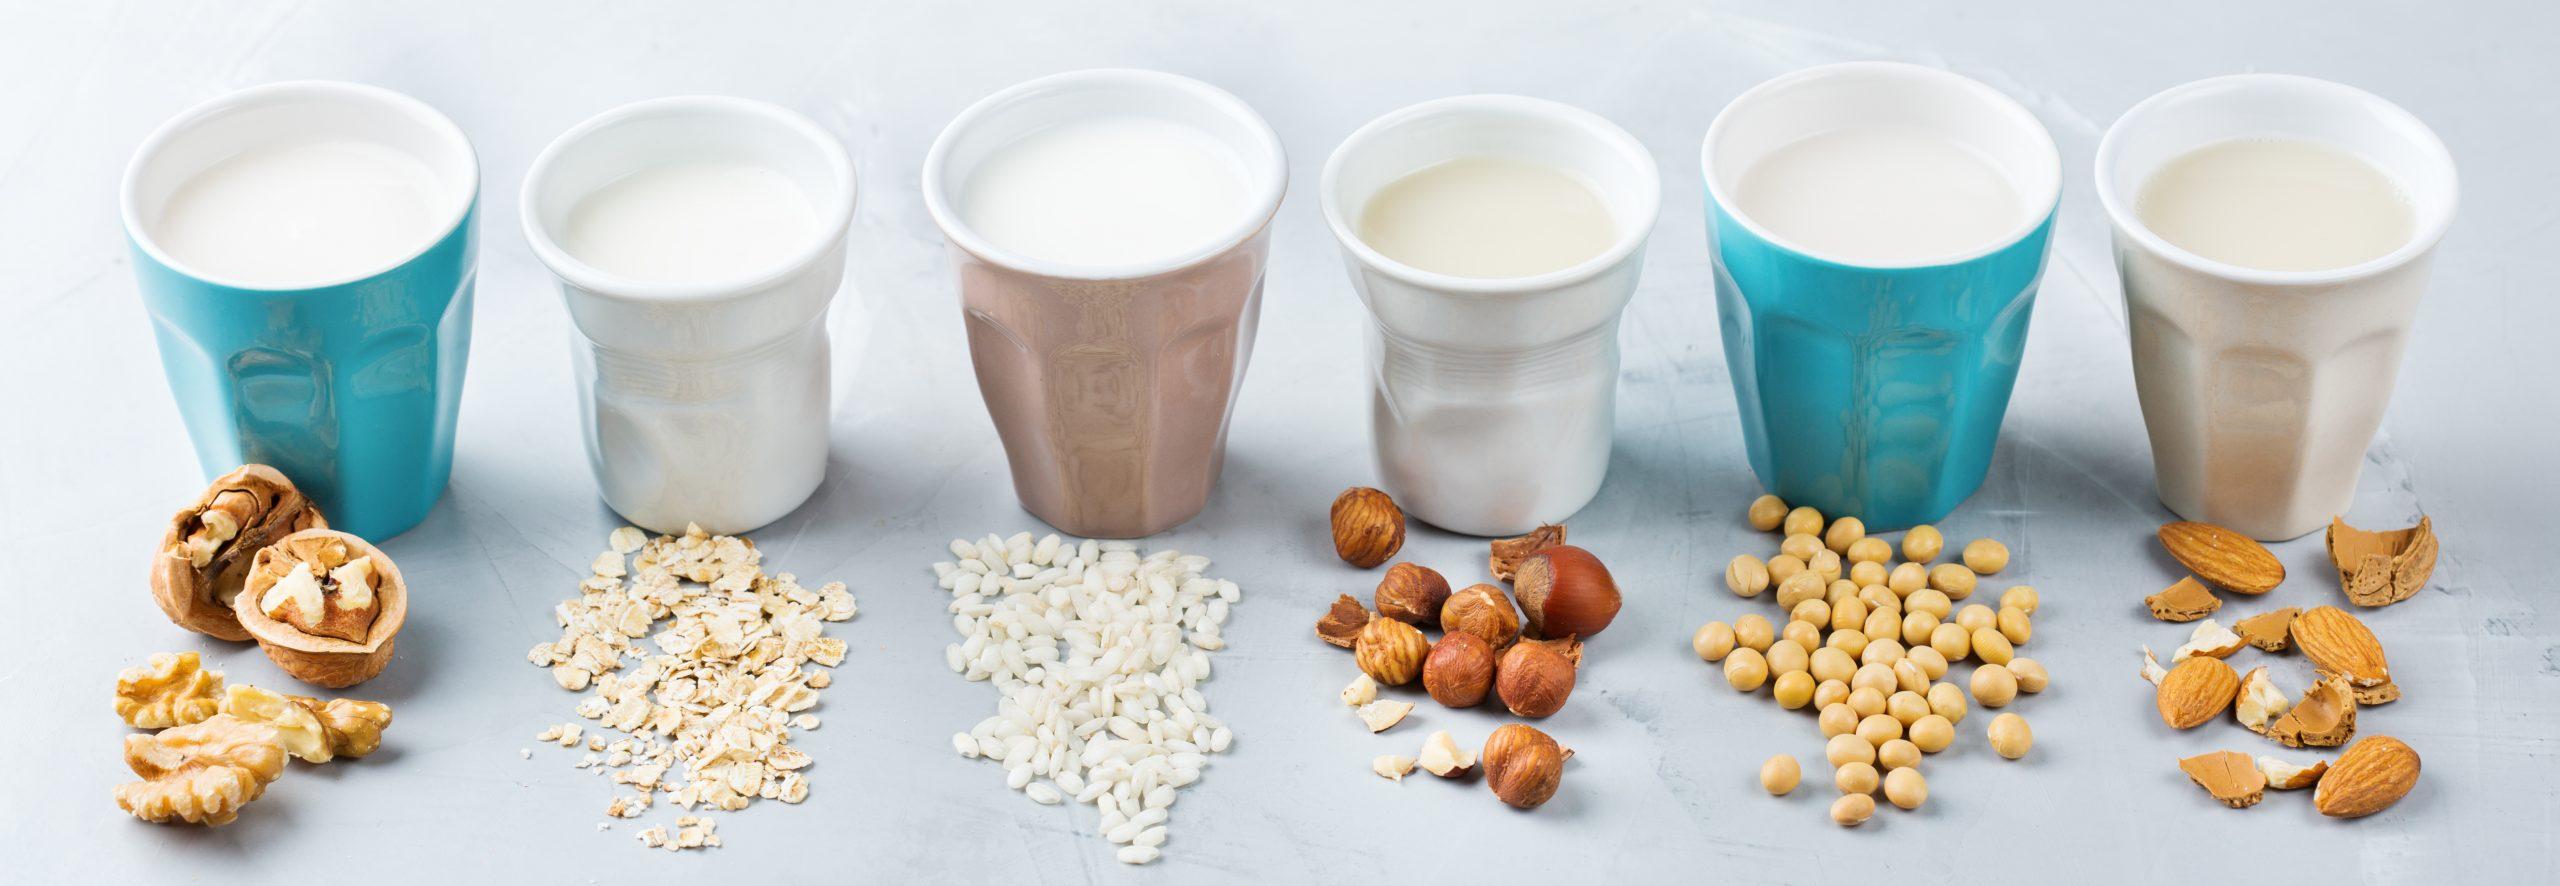 Какое молоко лучше для нас и для планеты